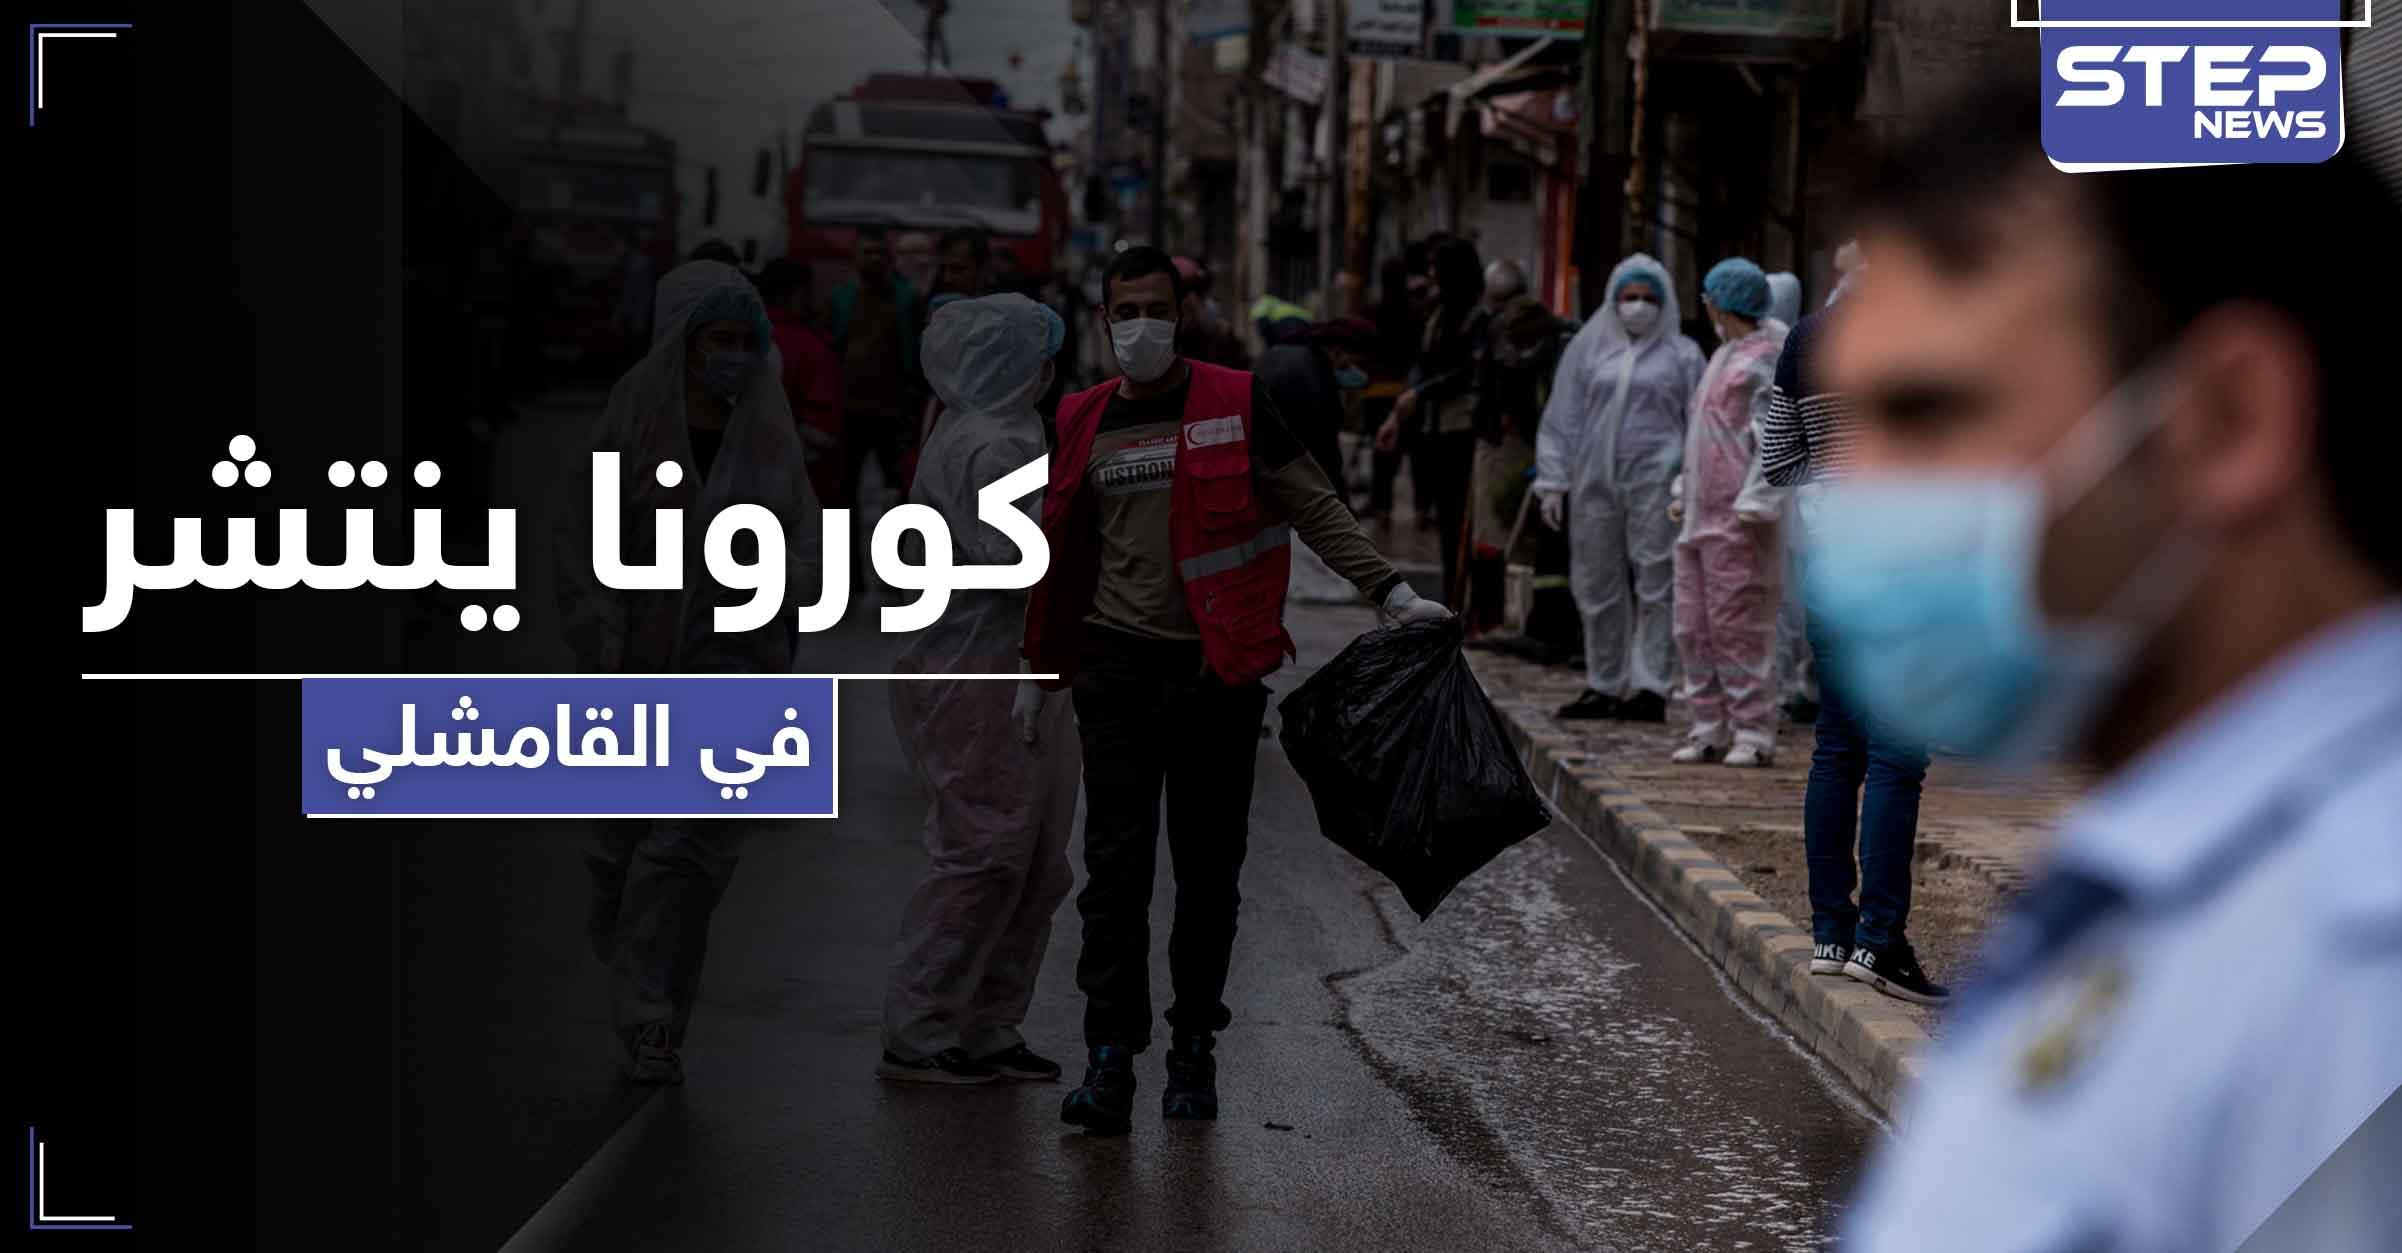 """استقالات جماعية للأطباء في مناطق ميليشيا """"قسد"""".. واتهامات تطال النظام السوري وعلاقته بكورونا"""